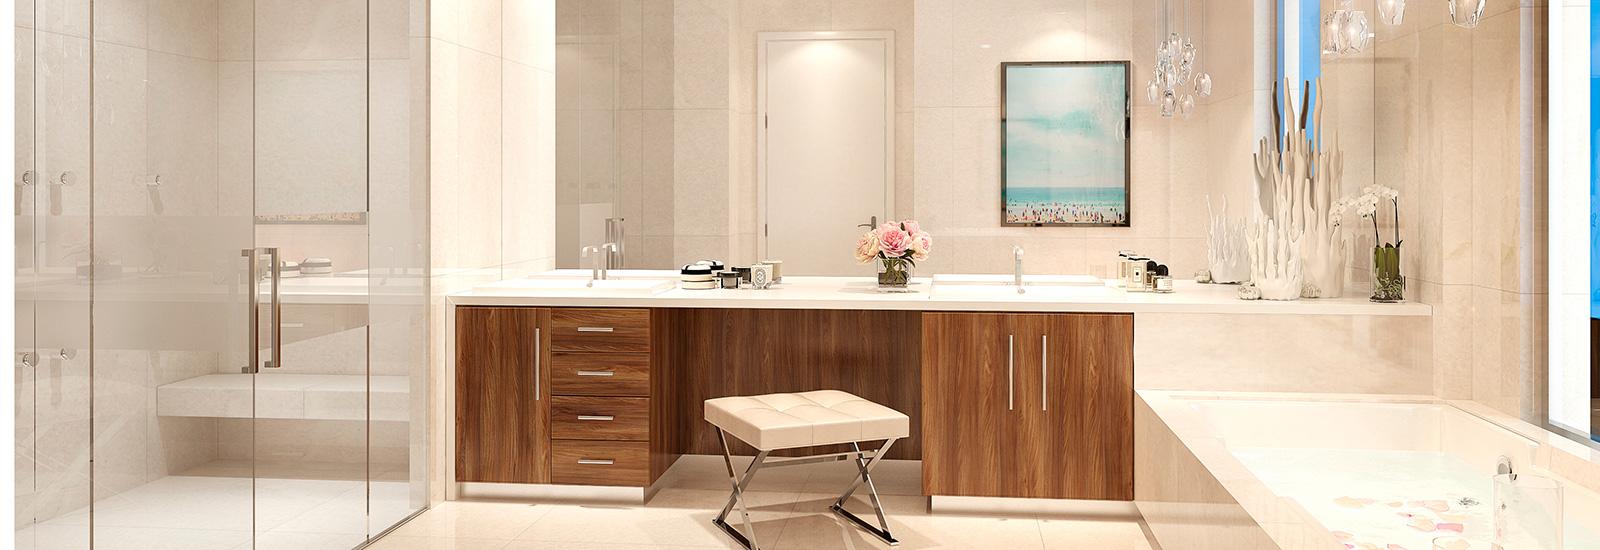 1600x550-Grande-bath.jpg